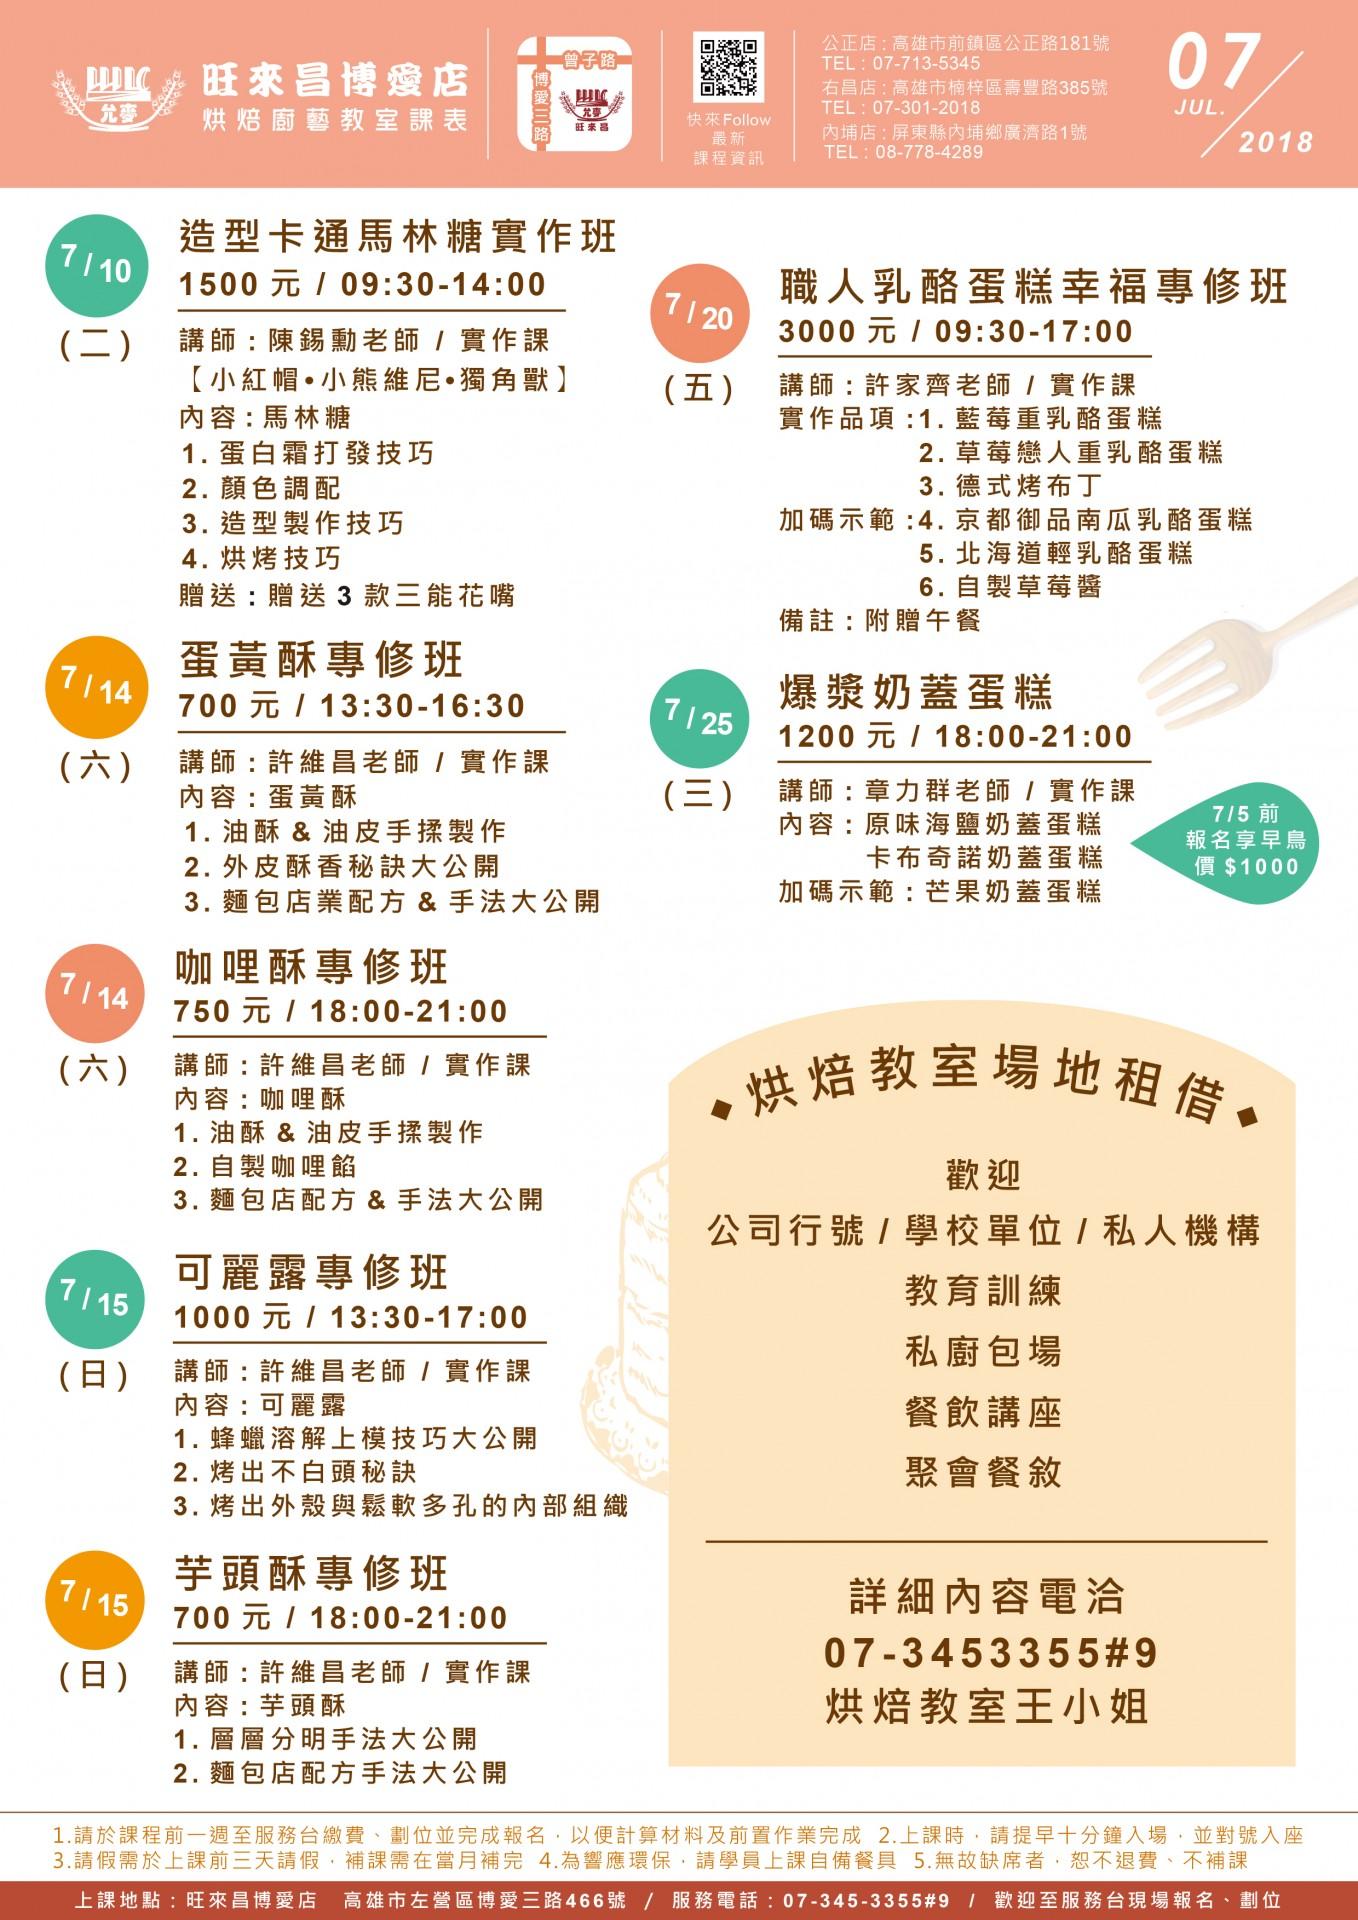 2018年7月博愛店課表